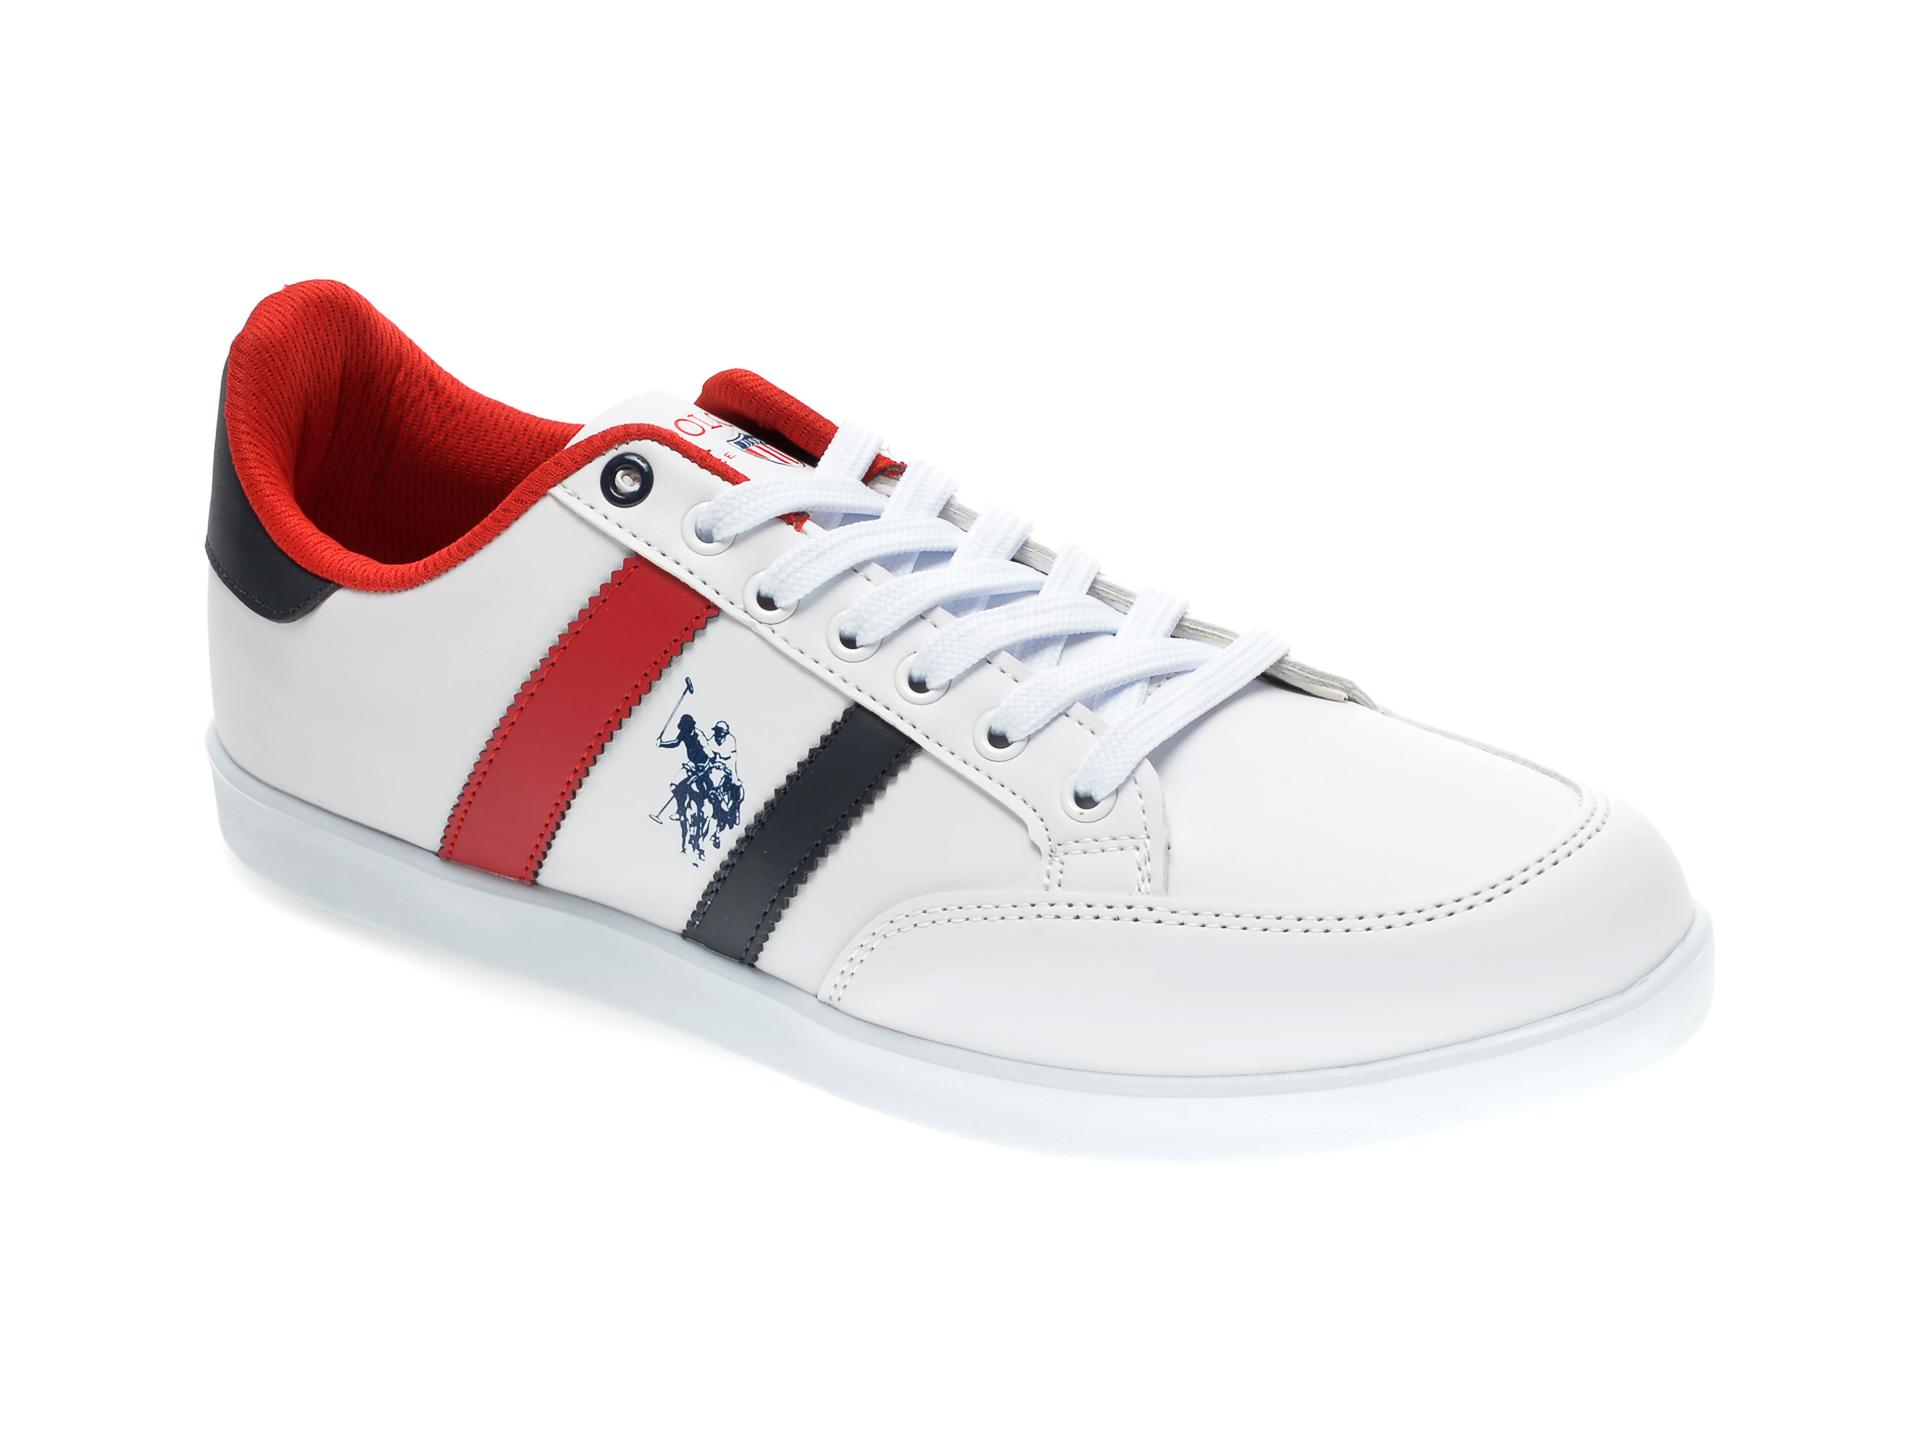 Pantofi sport US POLO ASSN albi, 418118, din piele ecologica imagine